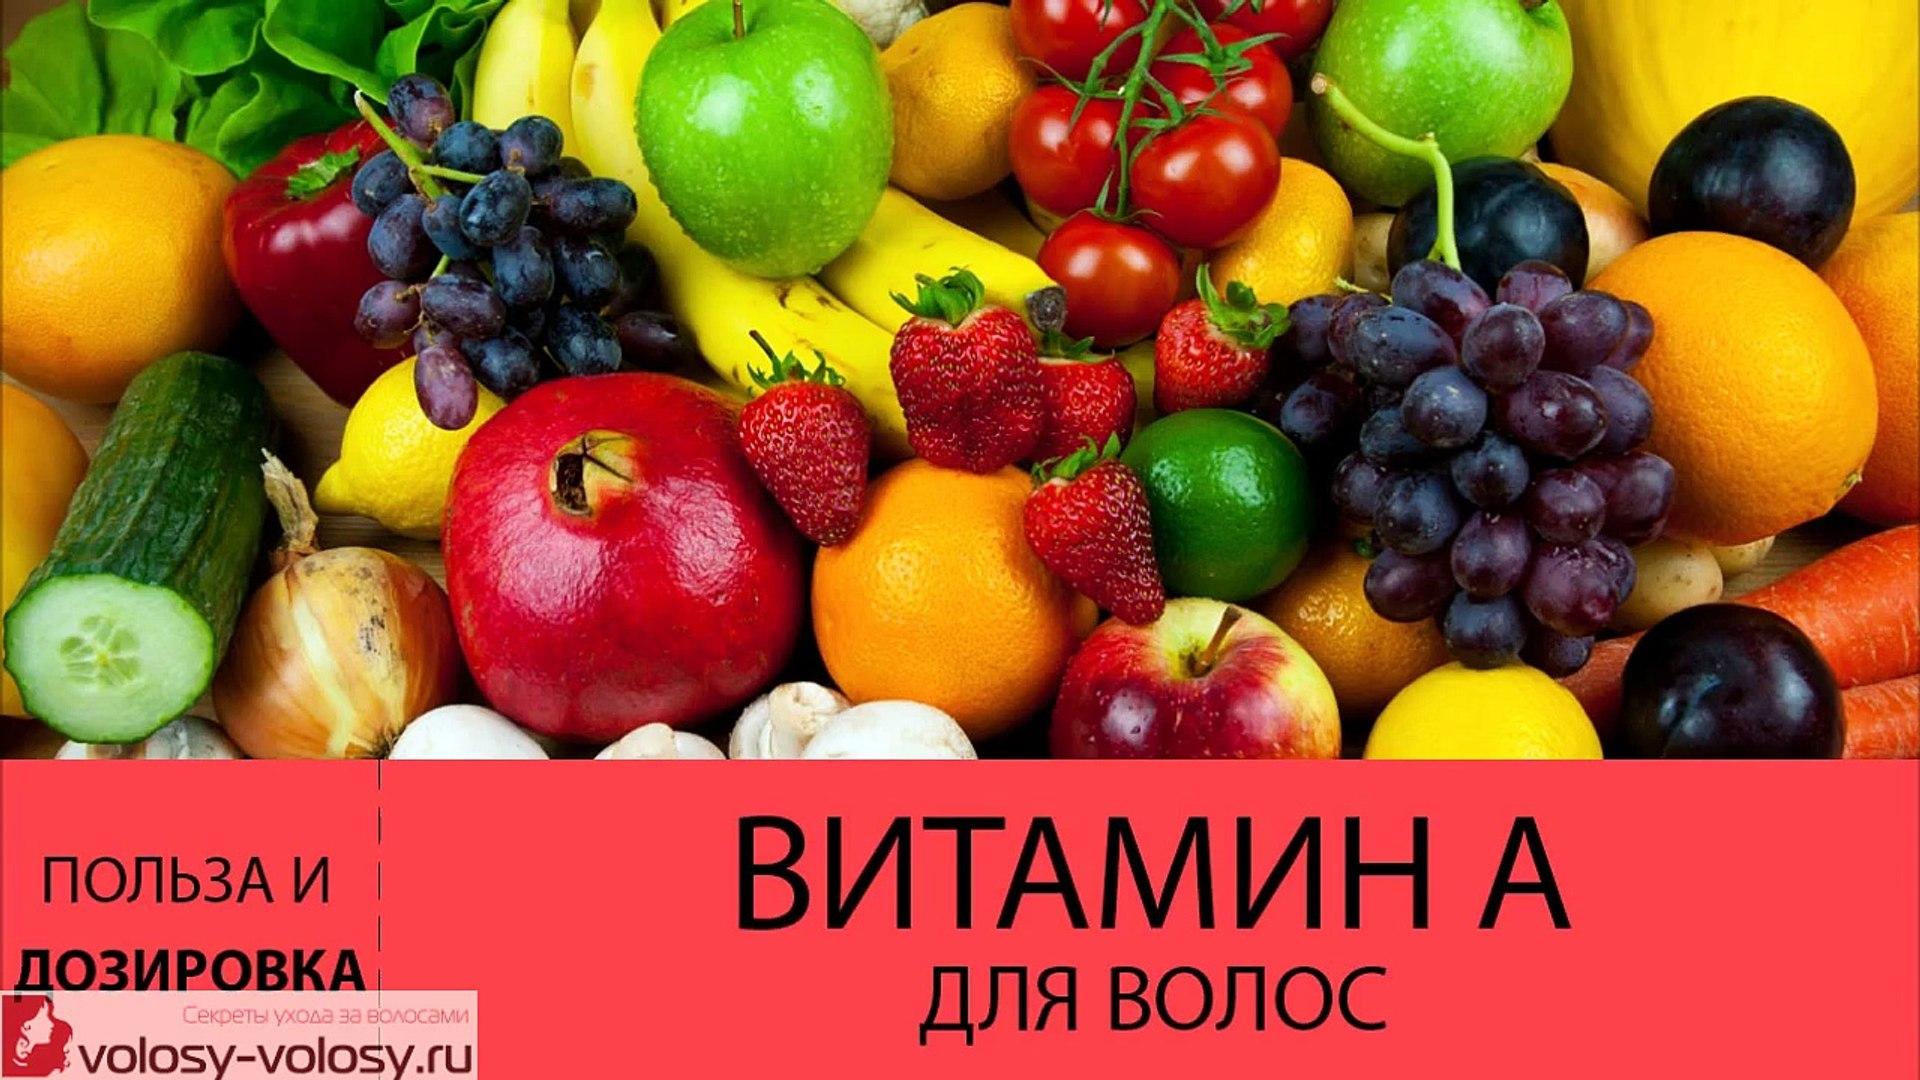 Витамин А для волос. МАСКА для волос с витамином А. Прод